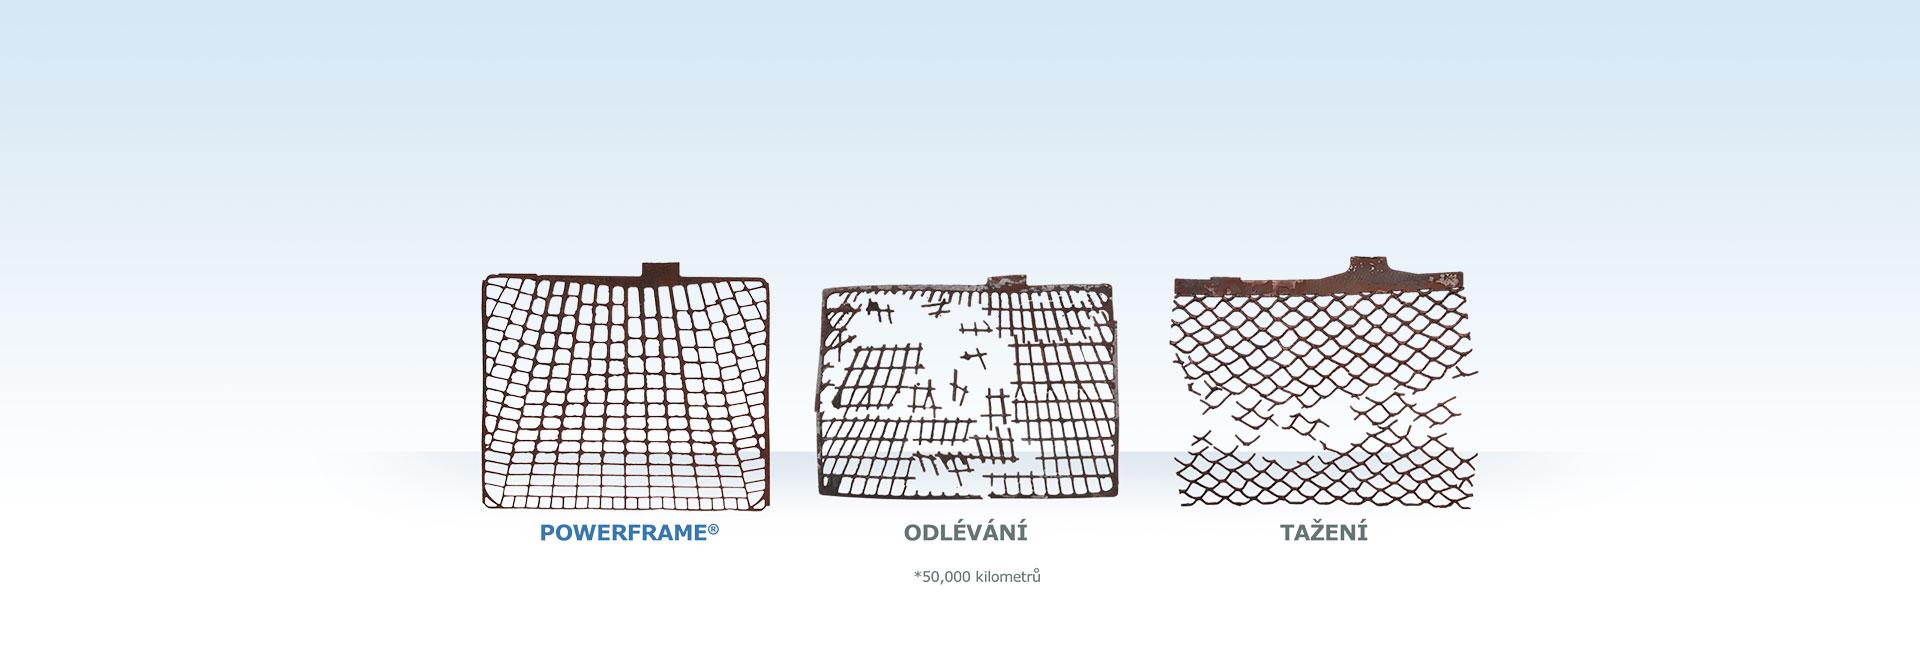 Porovnejte výkon technologie mřížky PowerFrame s ostatními způsoby provedení mřížky v průběhu času